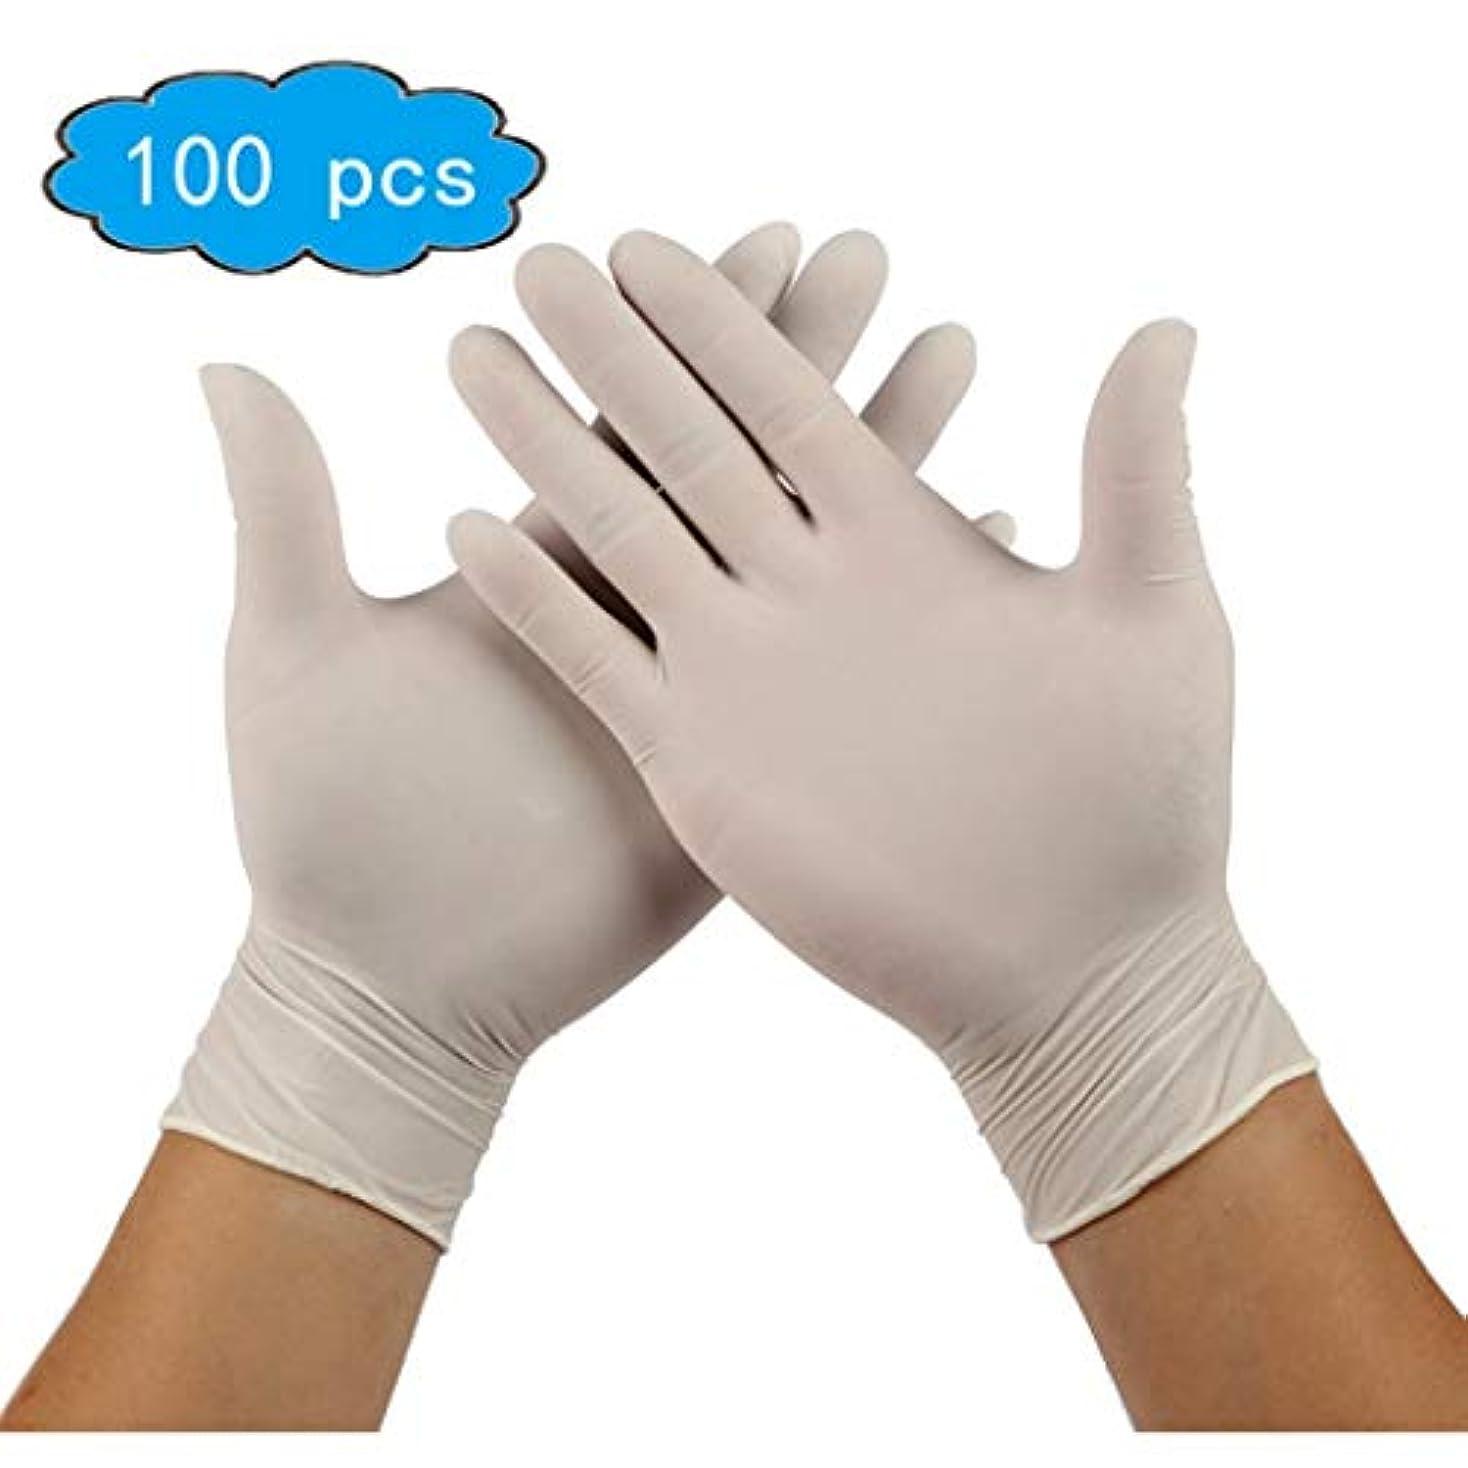 100 XS-XLサイズの使い捨てラテックス手袋、パウダーフリー、スムースタッチ、食品サービスグレード、使い捨て手袋食品 (Color : White, Size : L)